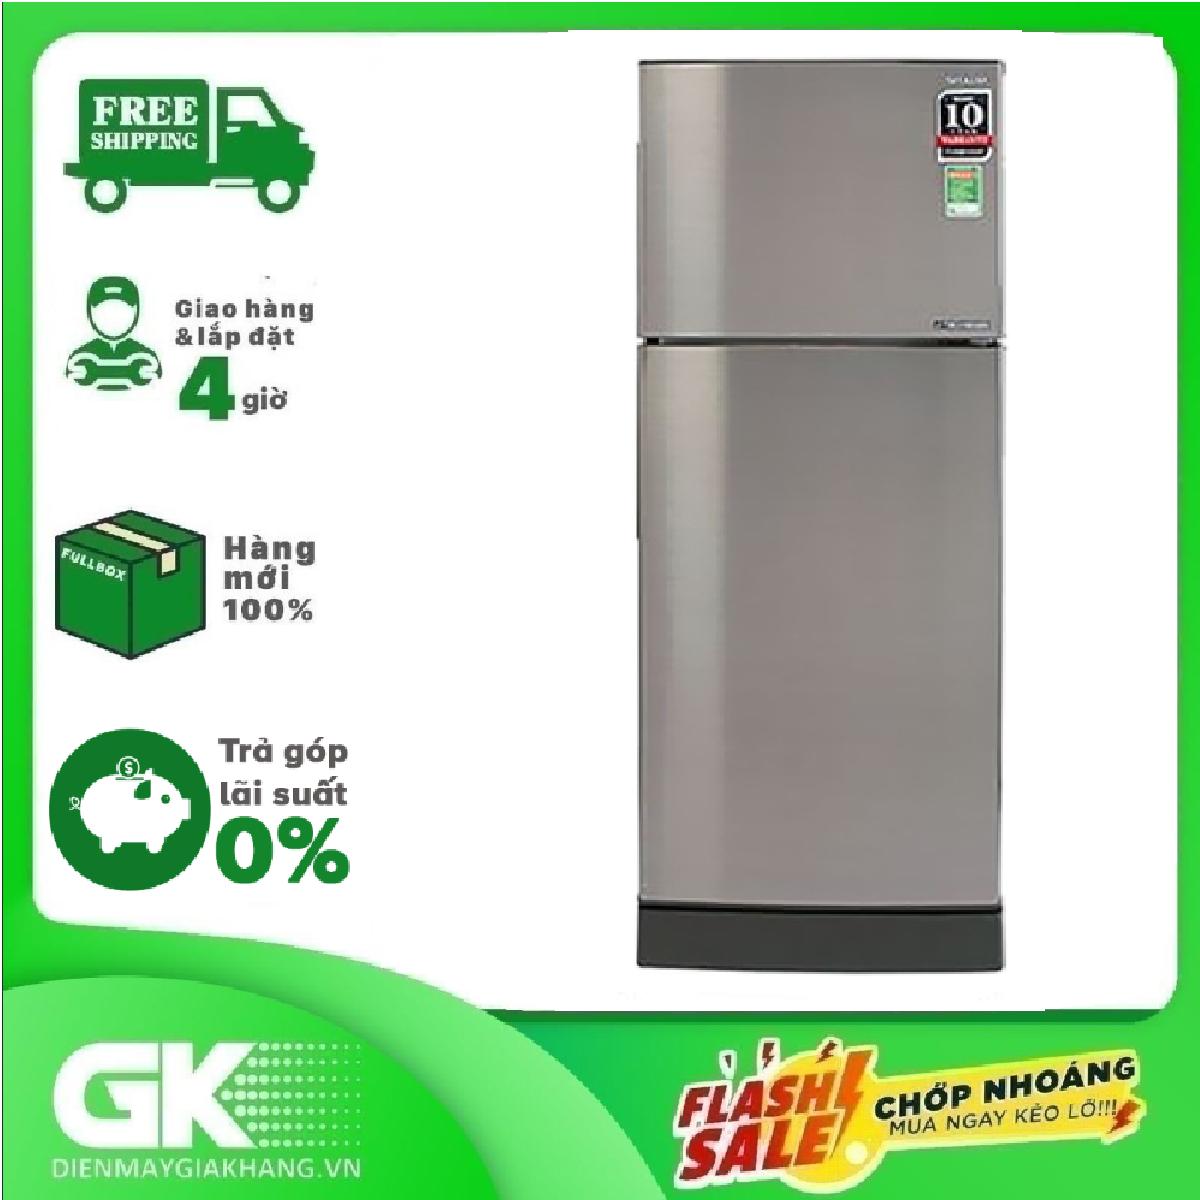 [GIAO HÀNG 2 – 15 NGÀY, TRỄ NHẤT 30.09] TRẢ GÓP 0% – Tủ lạnh Sharp Inverter 180 lít SJ-X196E-SL- Bảo hành 12 tháng